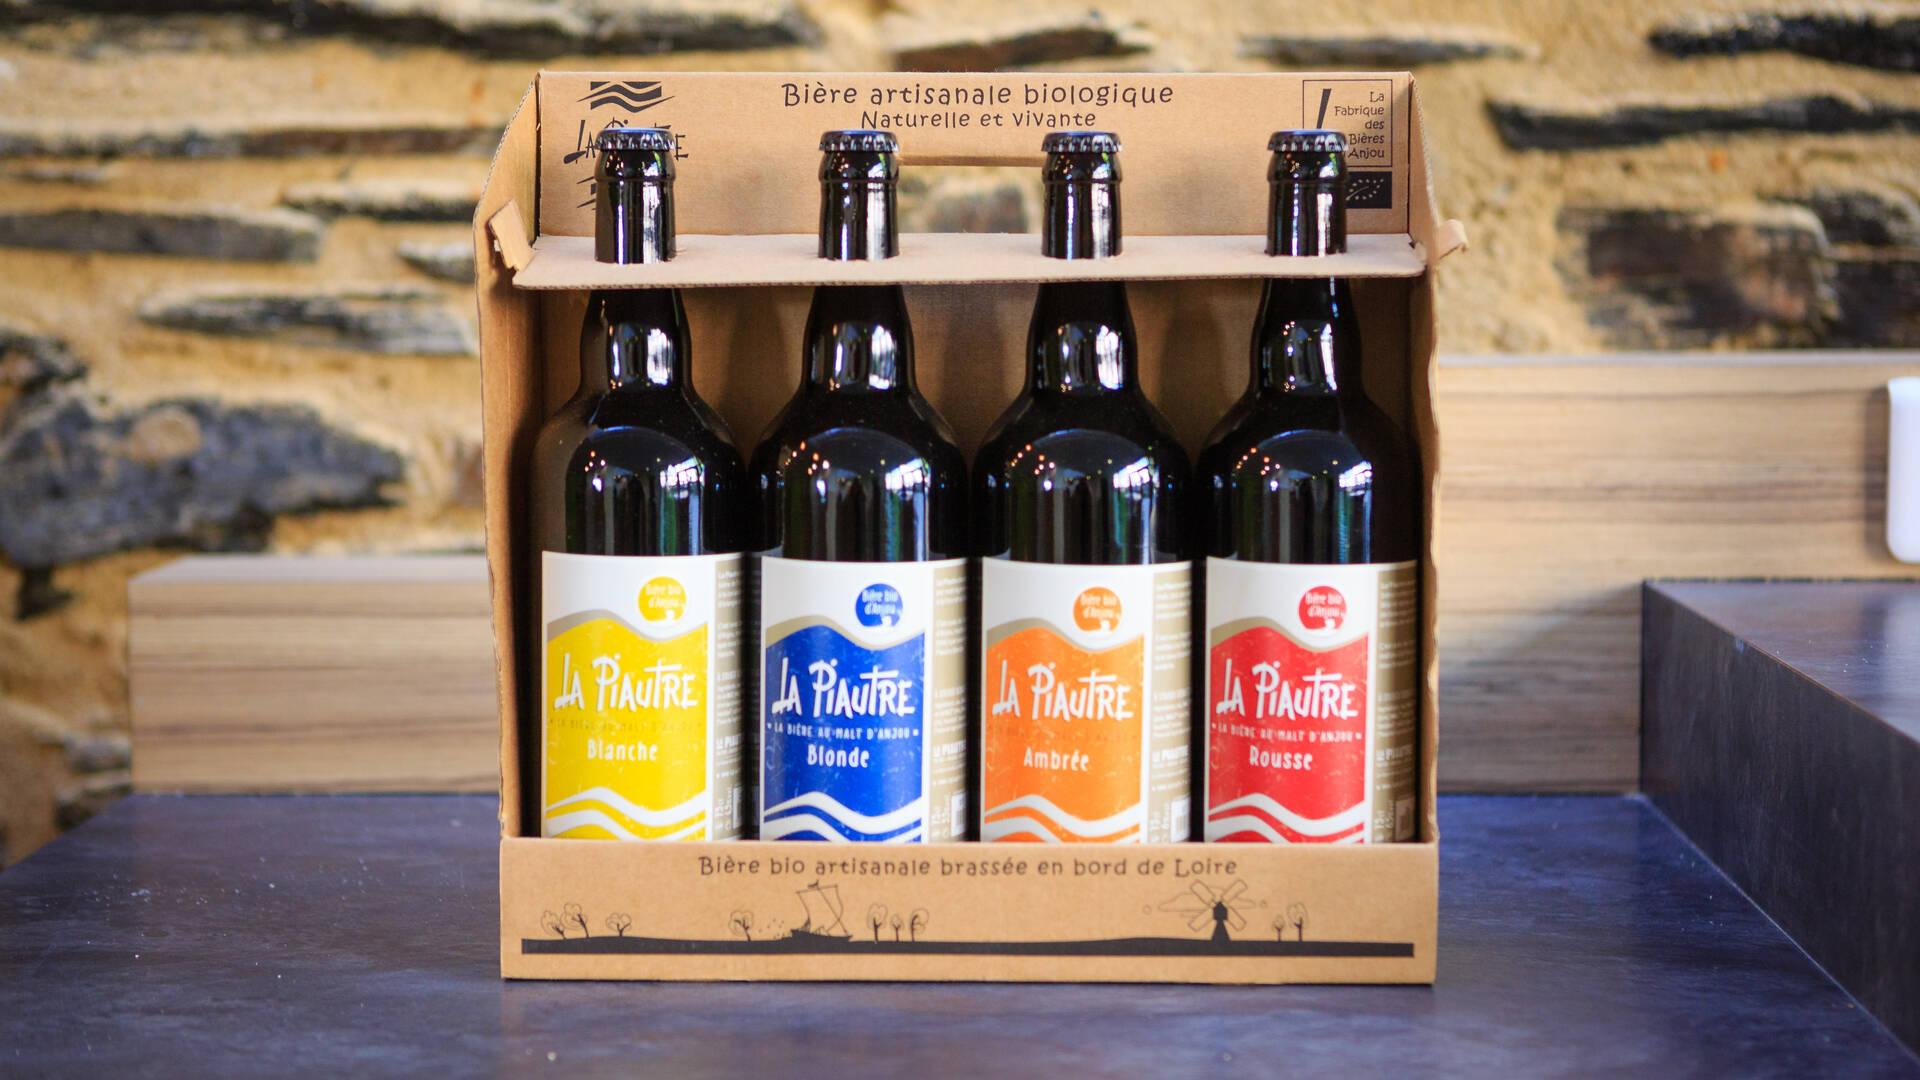 Bières La Piautre, pack de 4 bouteilles